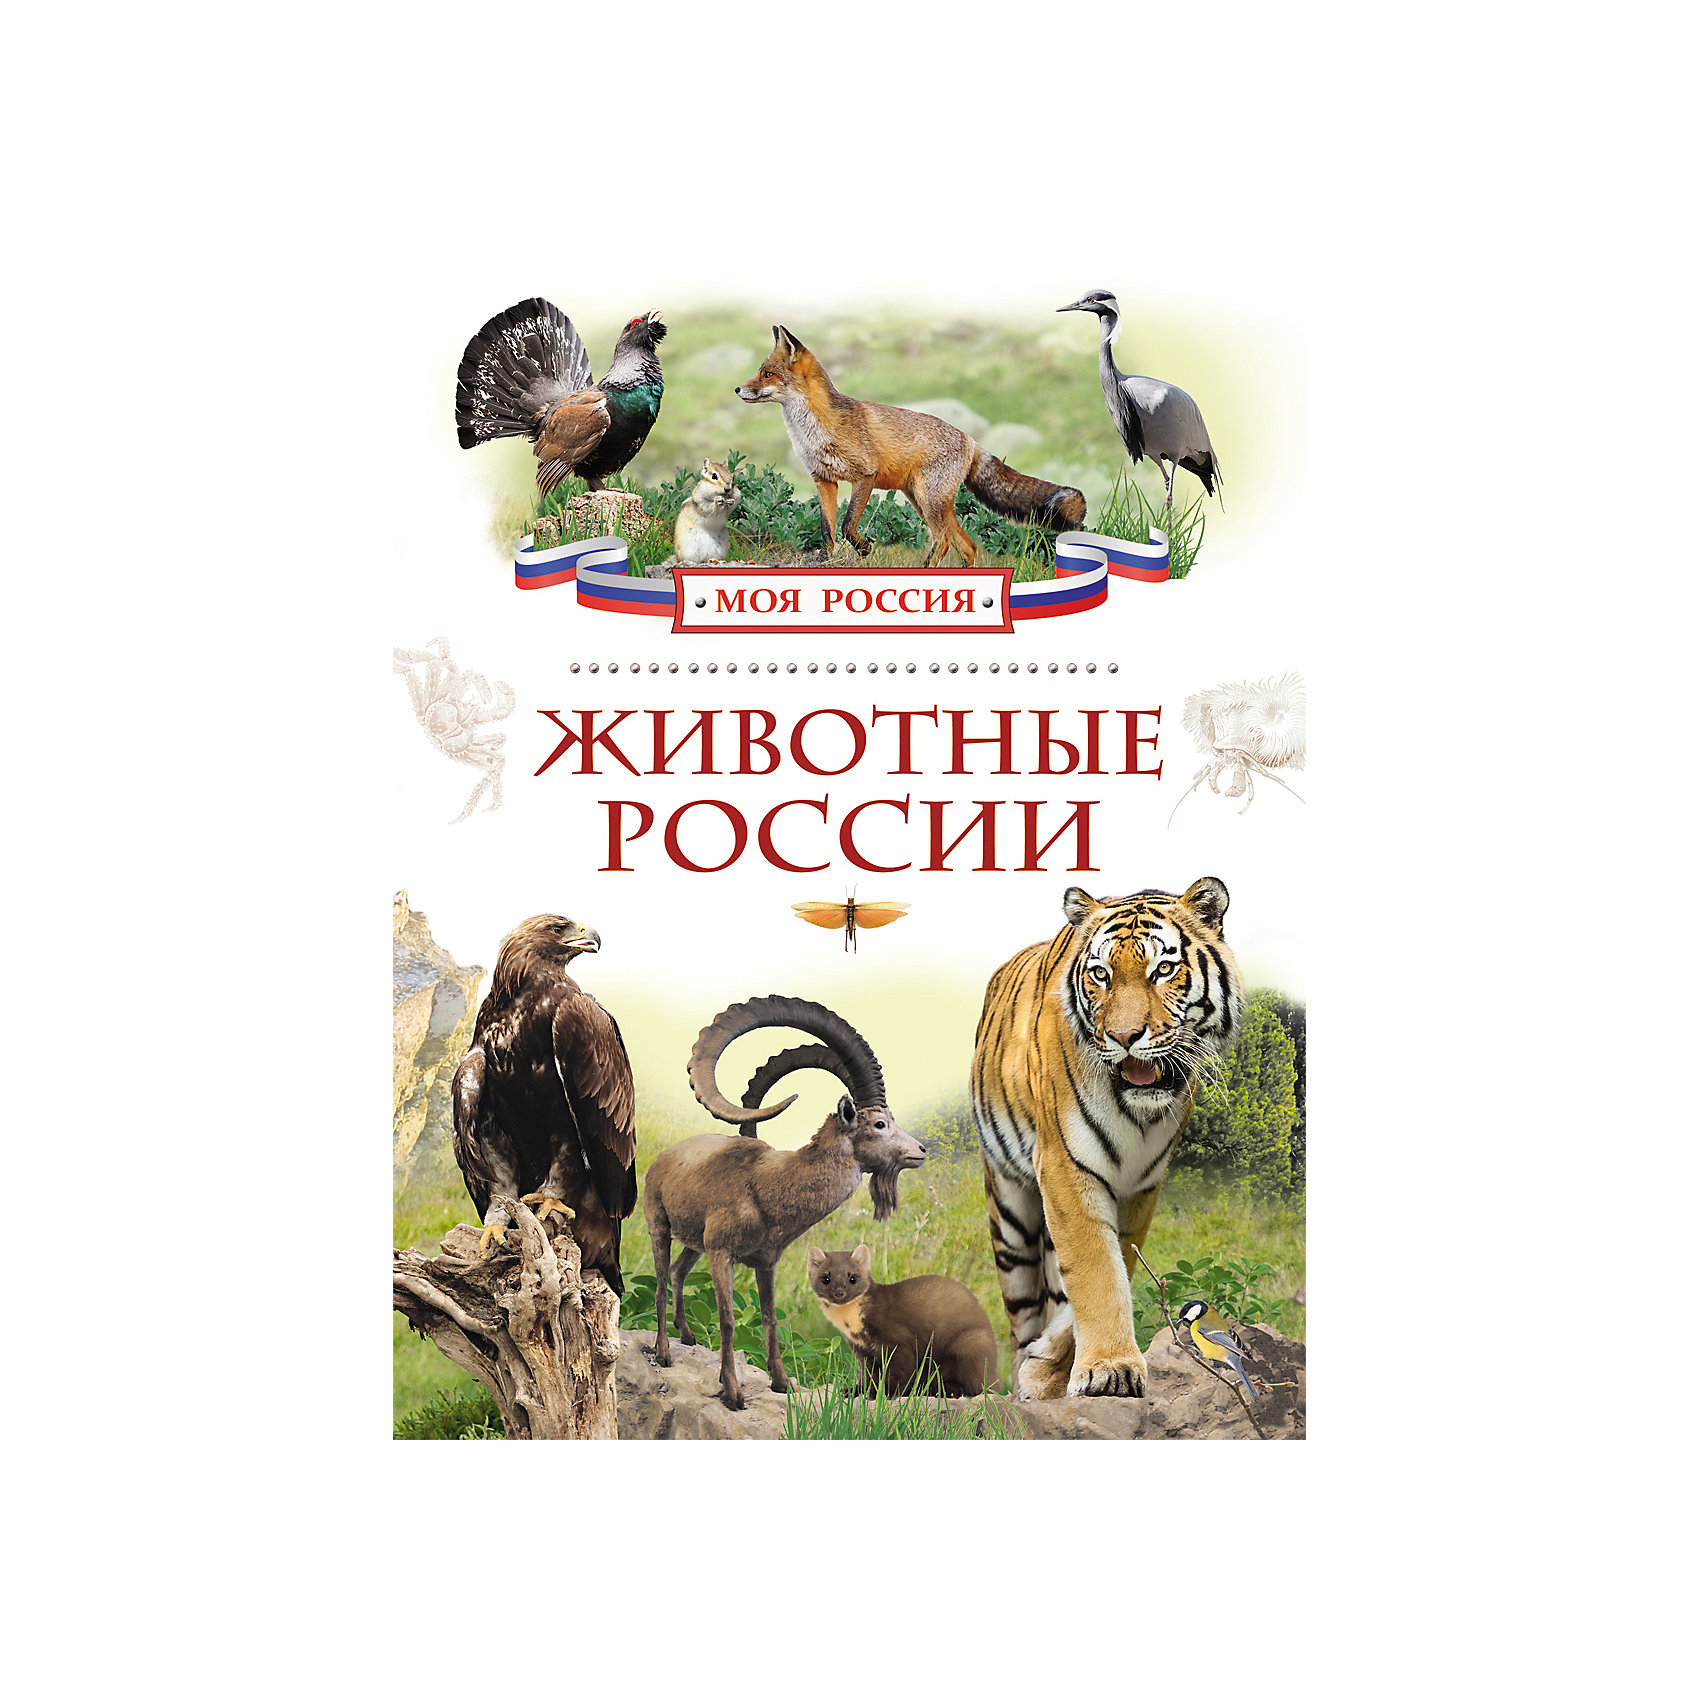 Росмэн Животные России, Моя Россия